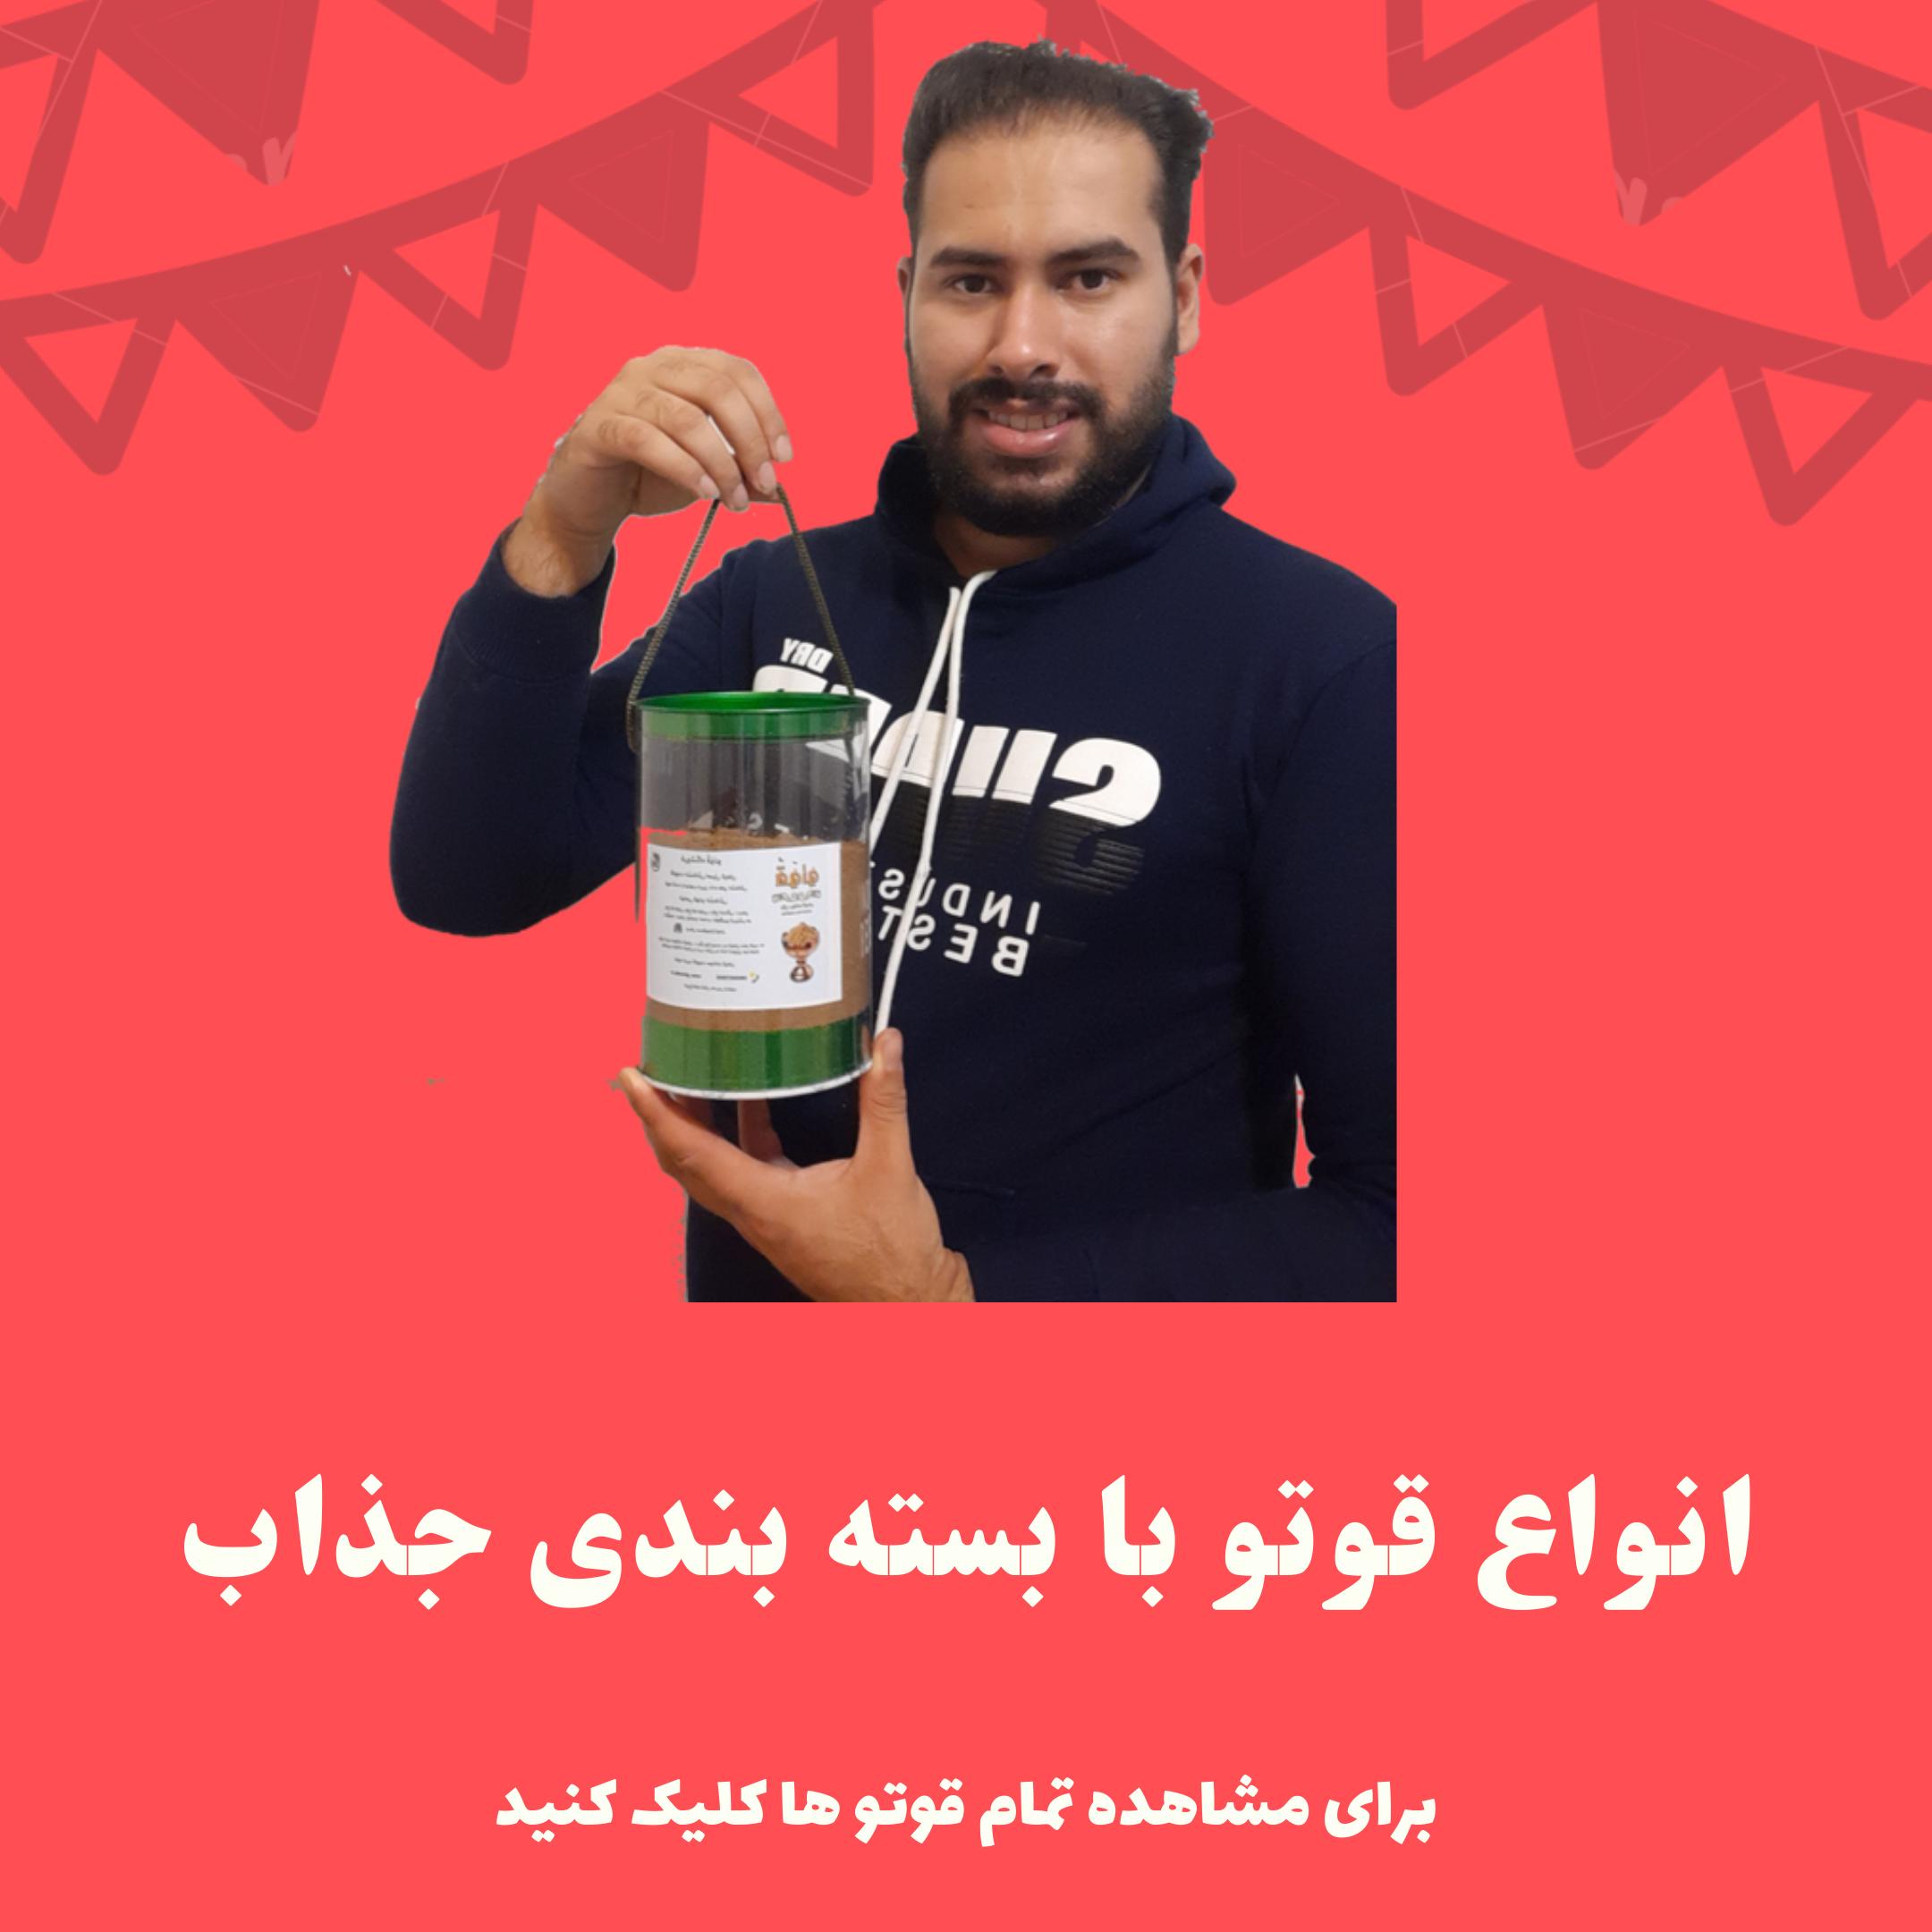 خرید قوتو کرمان